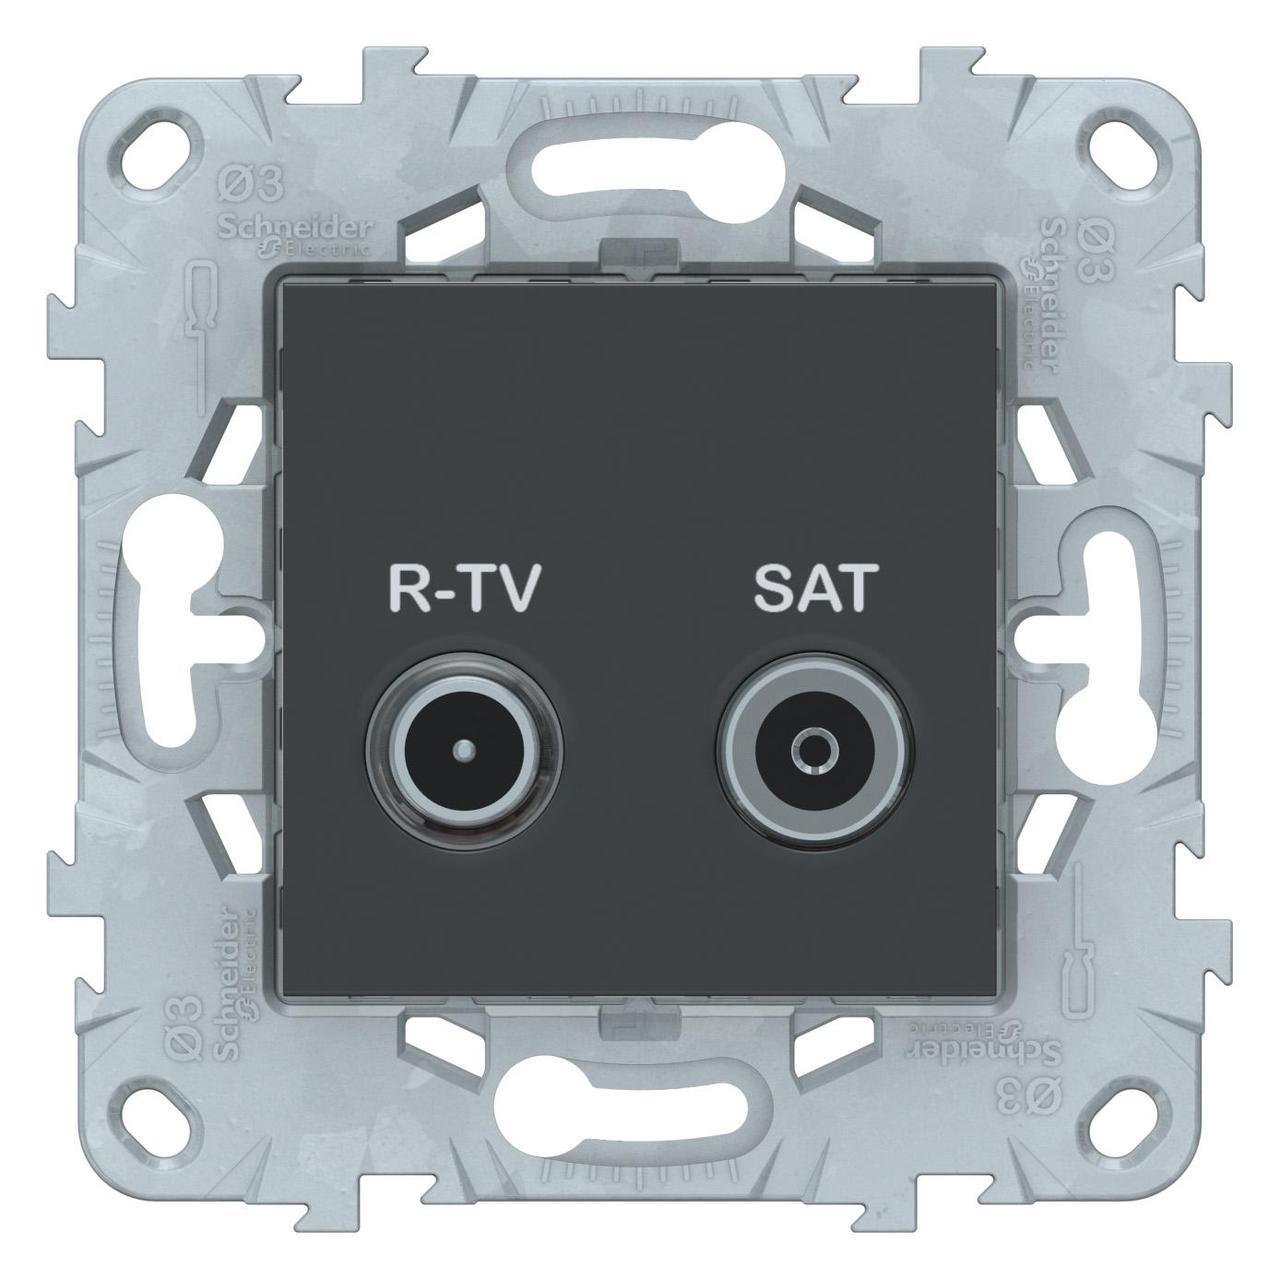 Розетка телевизионная оконечная ТV-SAT , Антрацит, серия Unica New, Schneider Electric